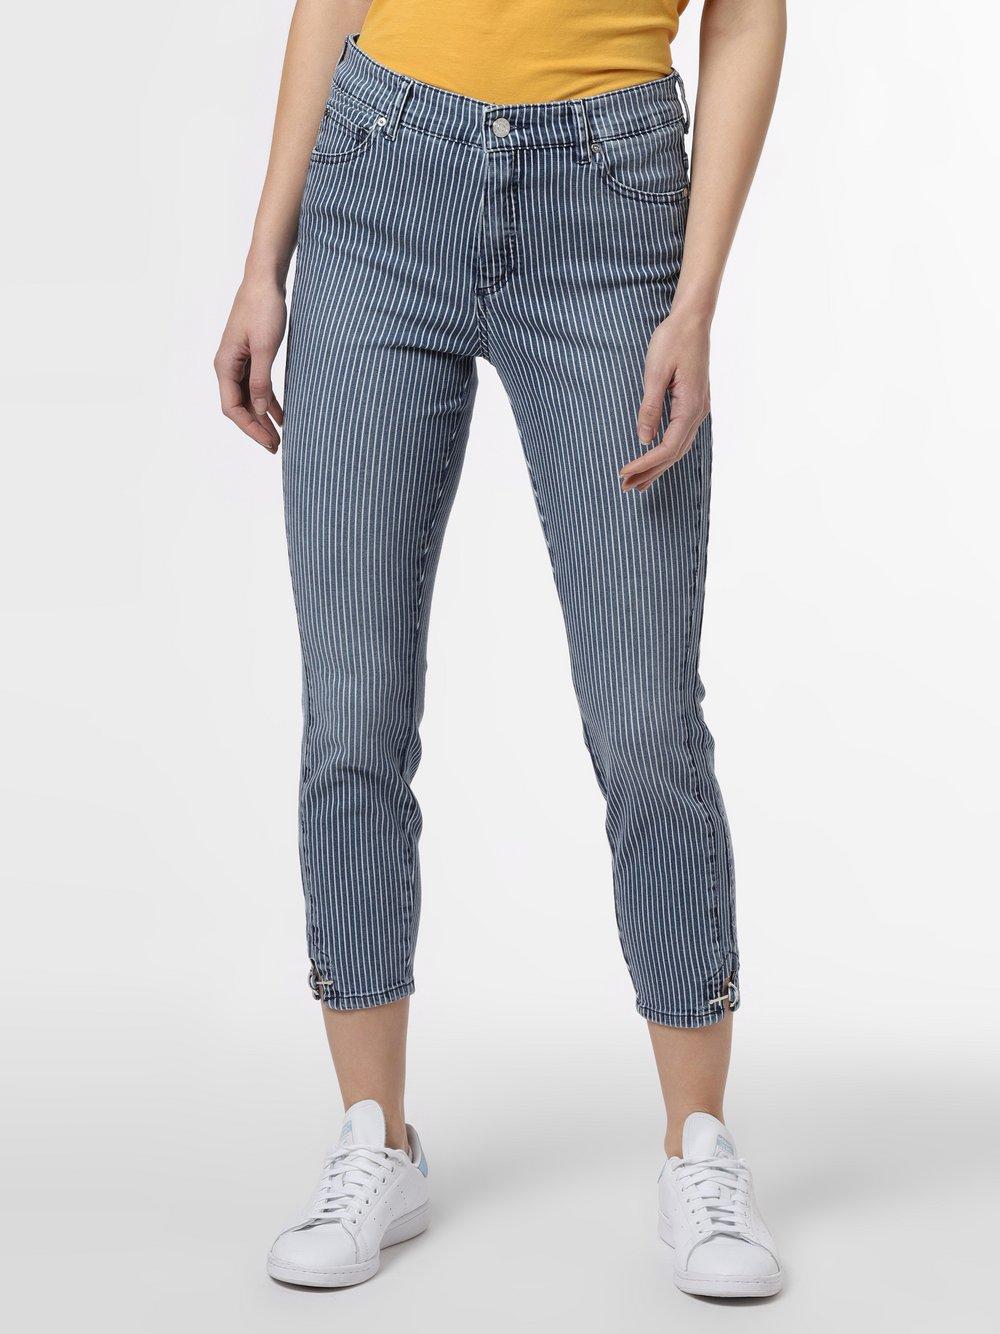 Rosner - Spodnie damskie – Audrey, niebieski